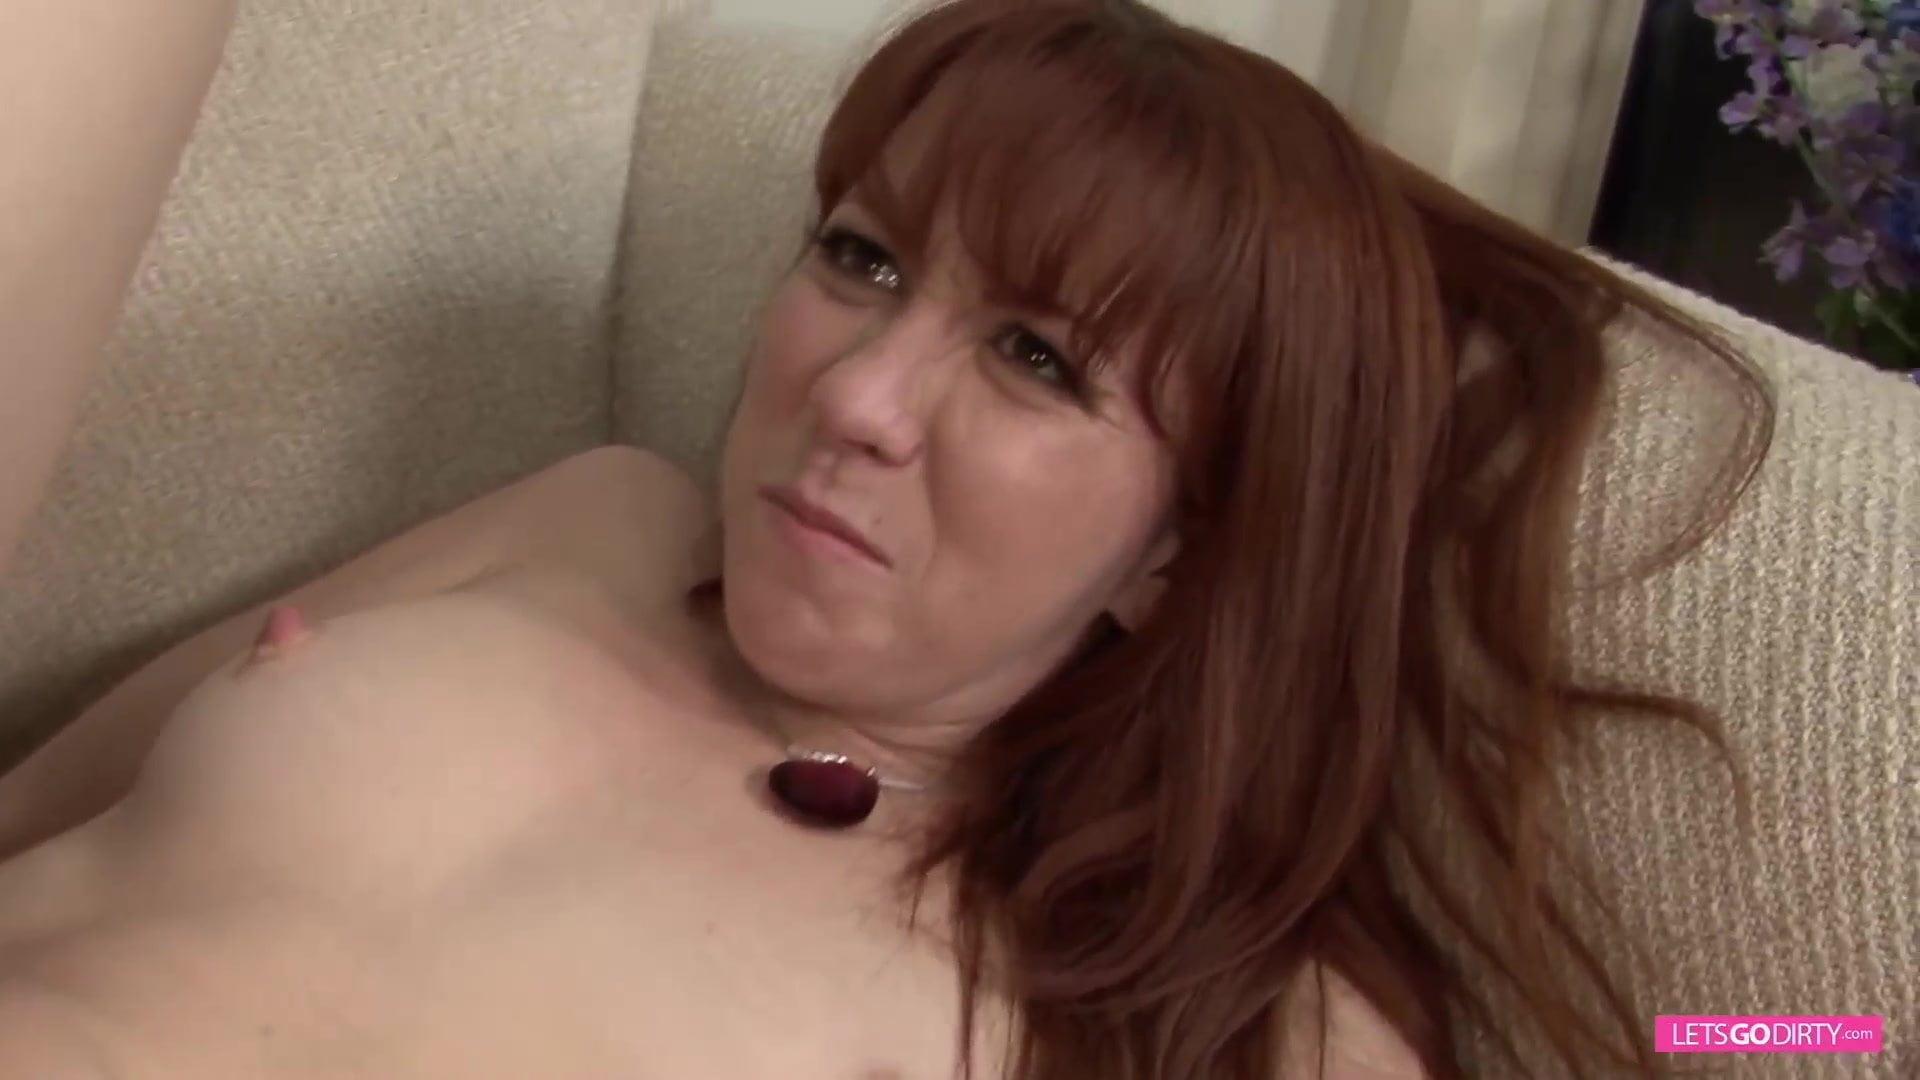 Amateur-Pornomodel Probiert Gewaltigen Schwanz